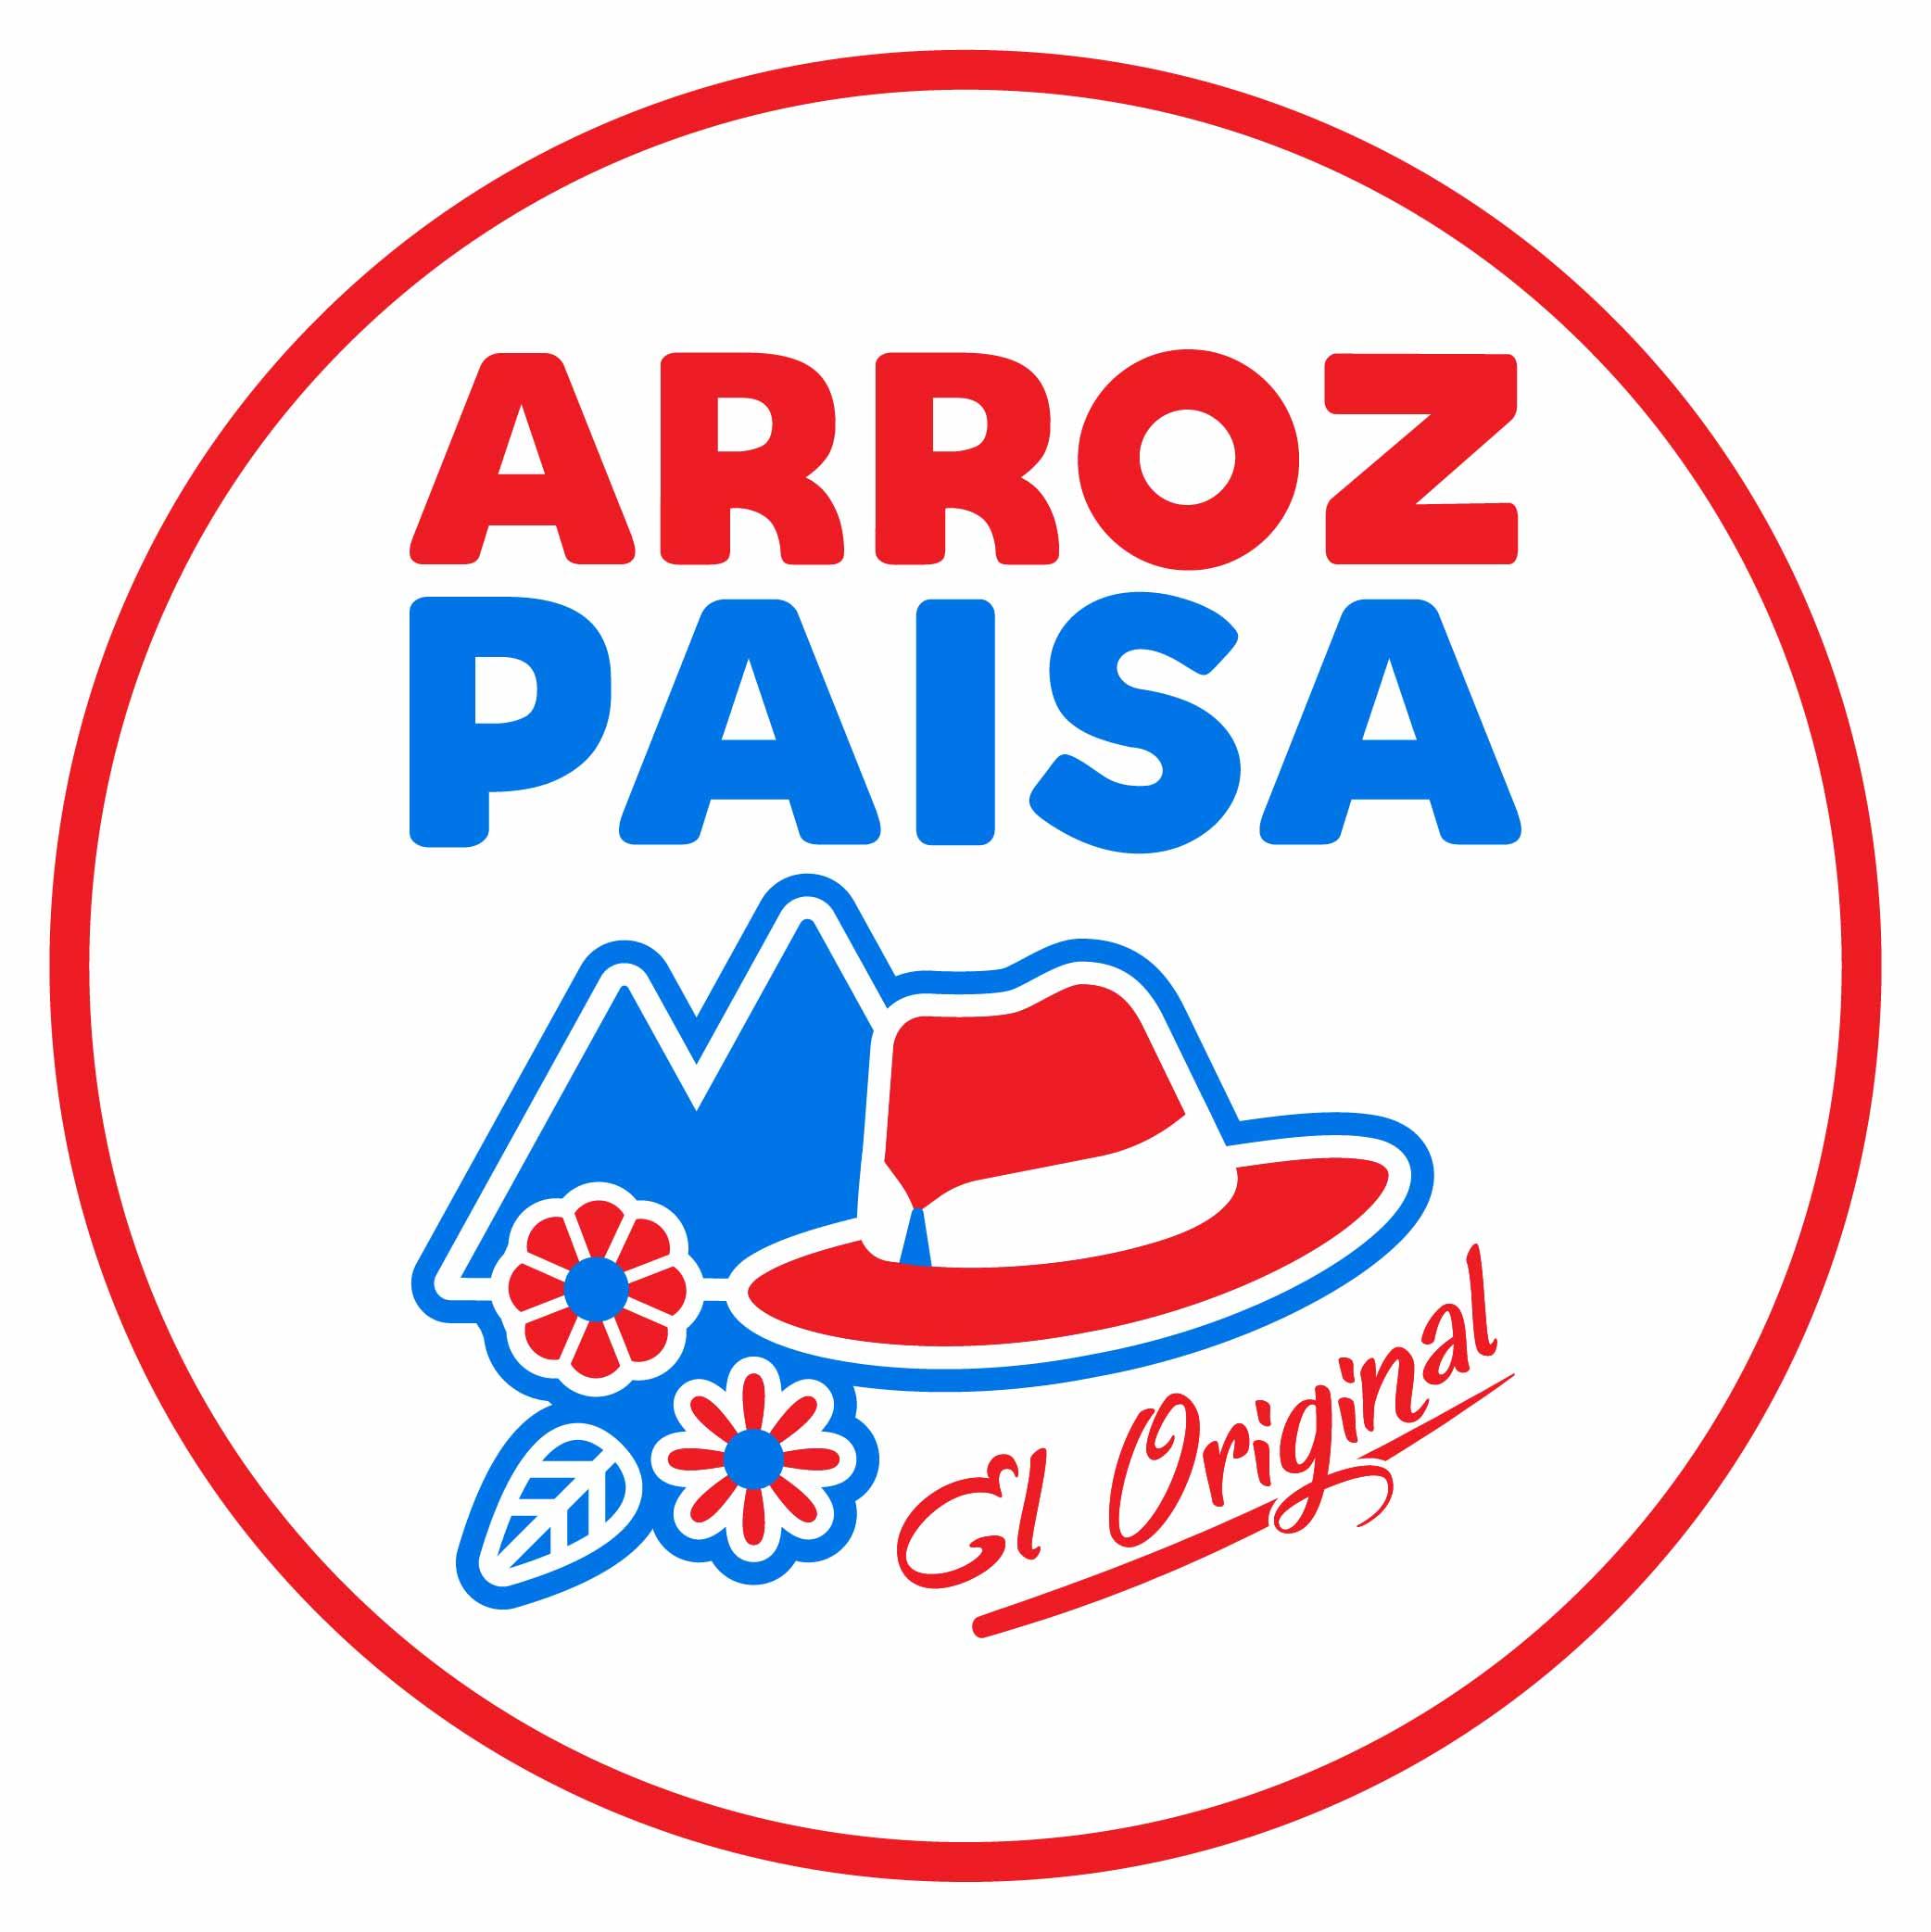 Arroz Paisa el Original Ferias